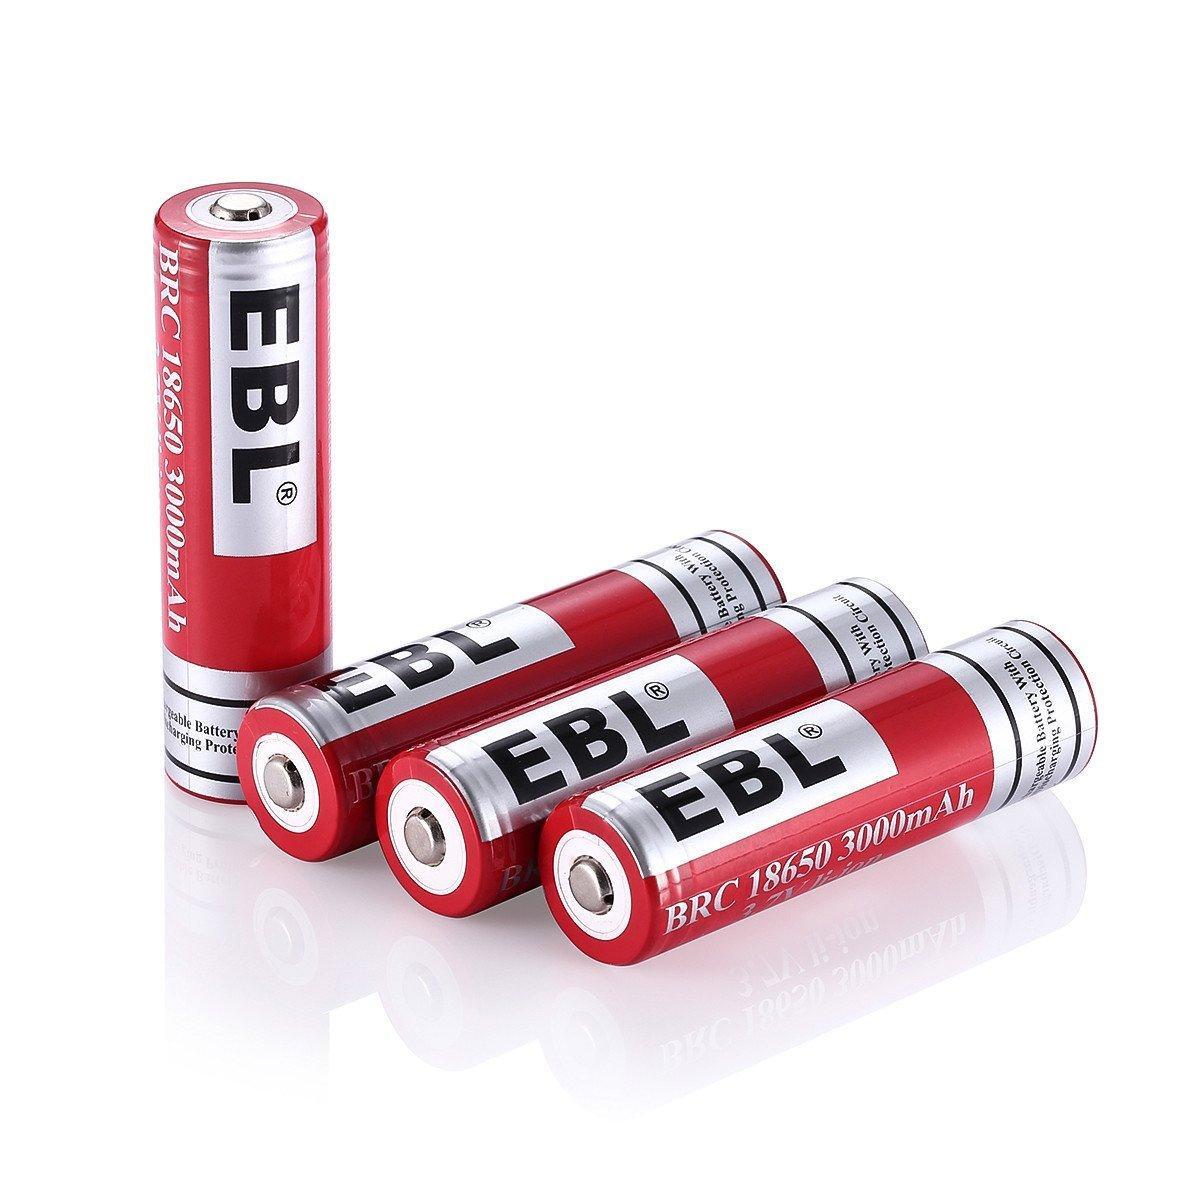 Lot de 4 piles rechargeables EBL, 3000mAh, 3.7V